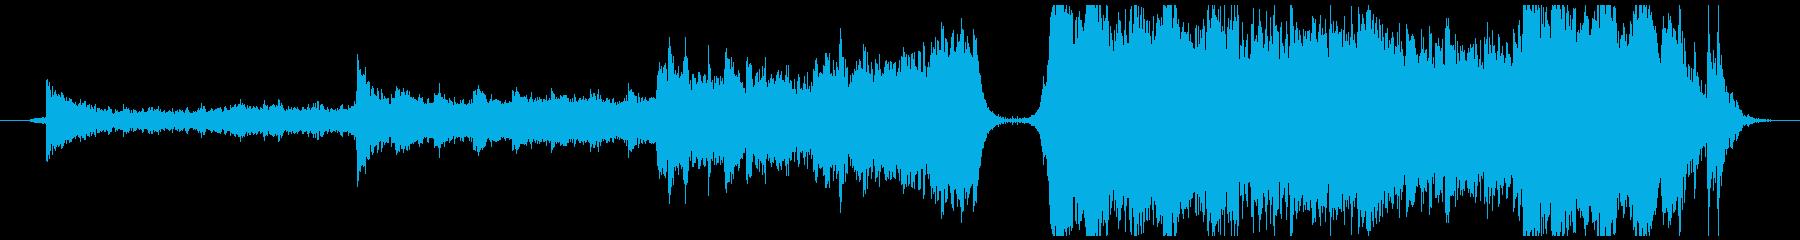 エピック系のバトル曲の再生済みの波形